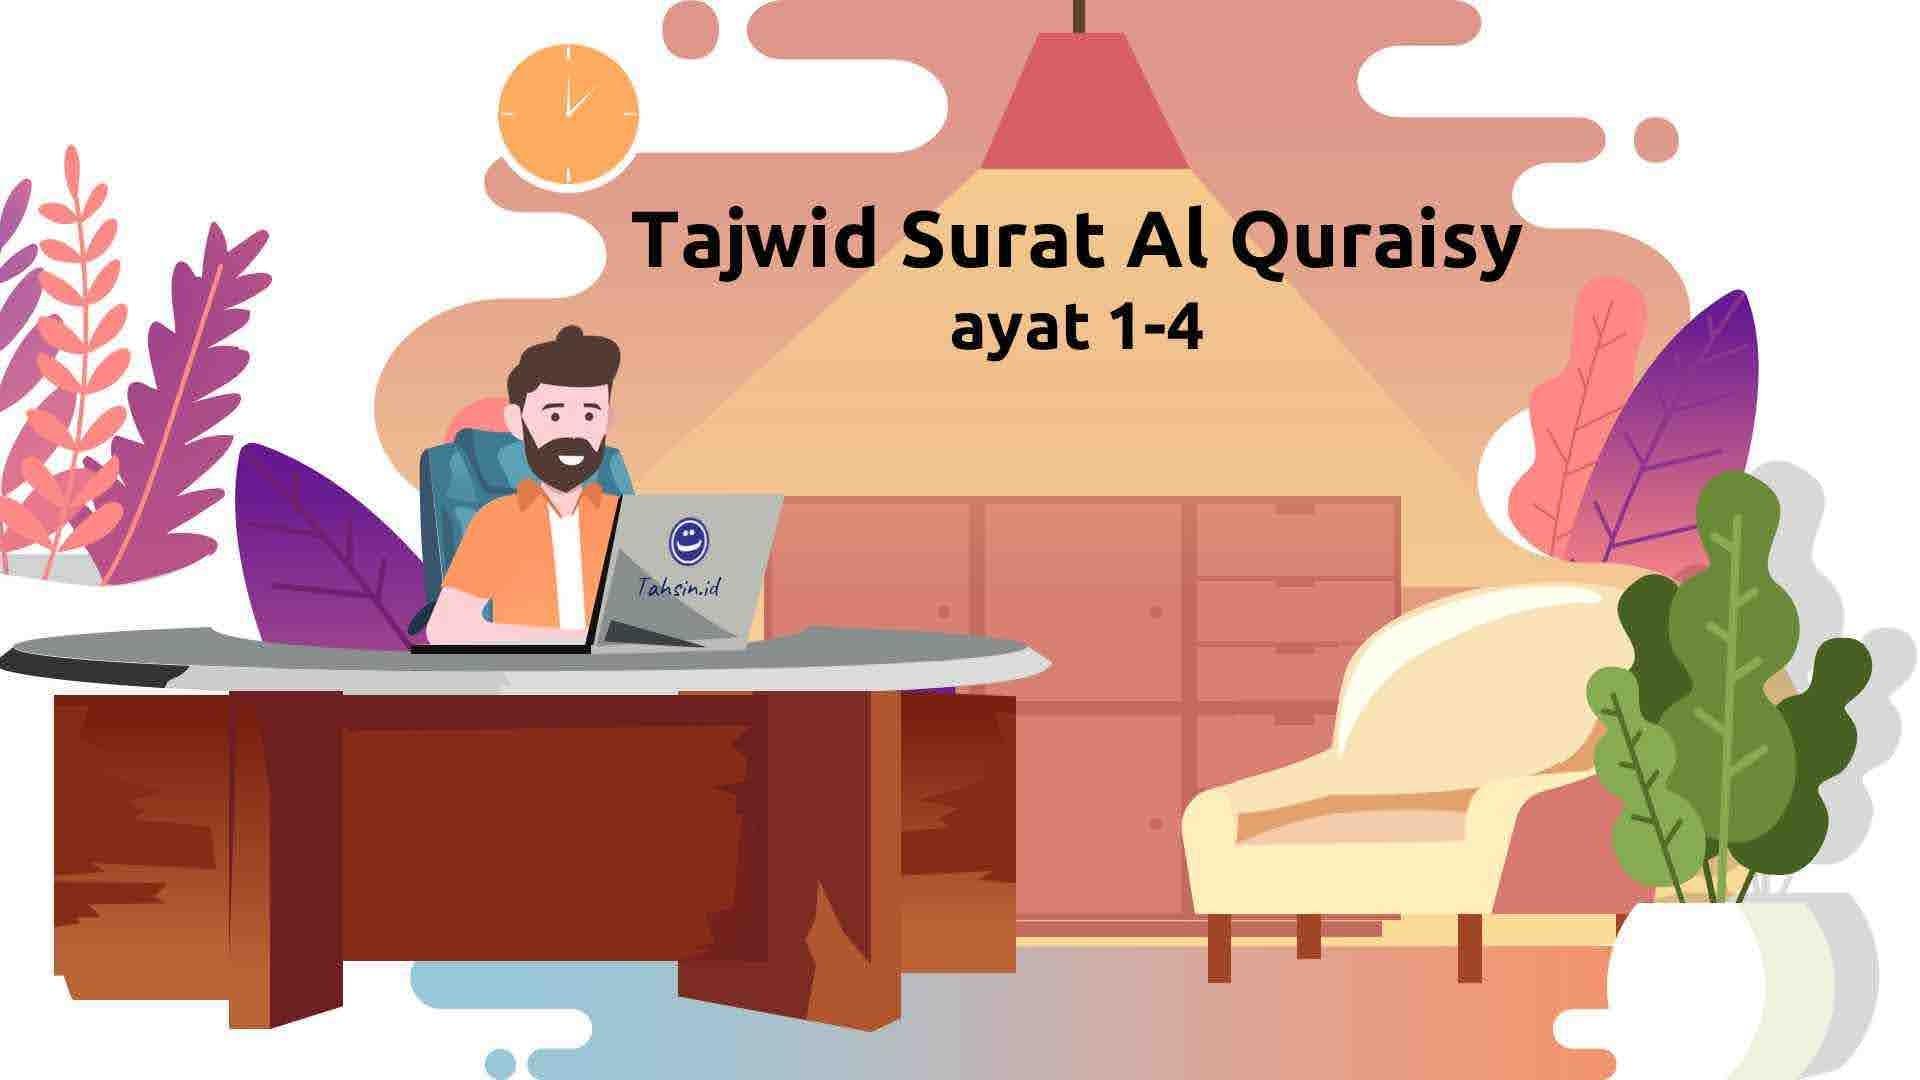 tajwid-surat-al-quraisy